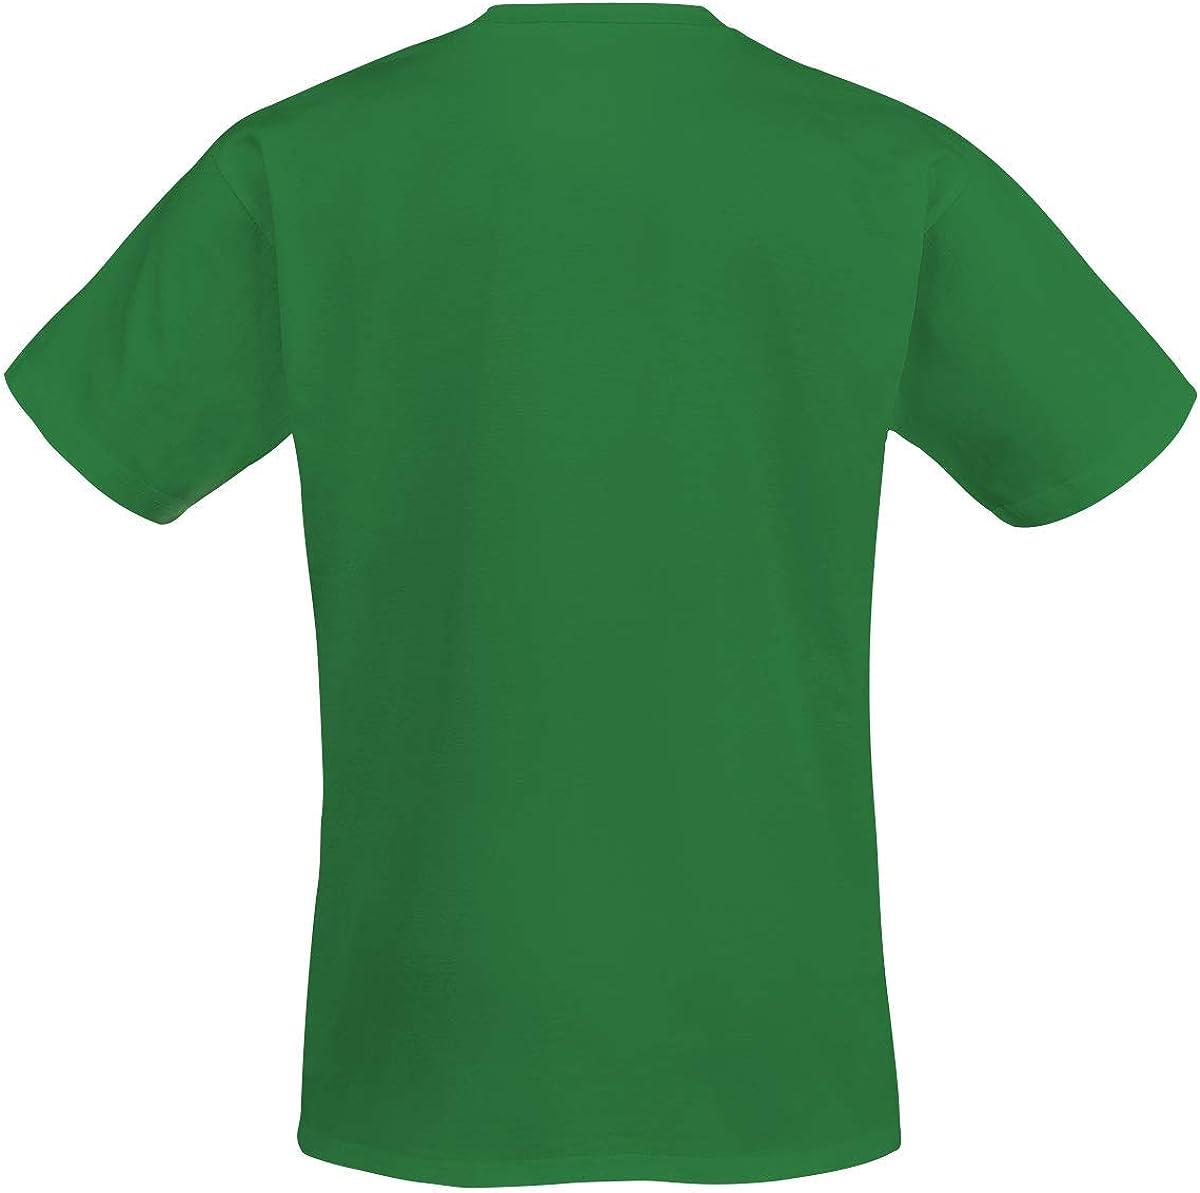 Volbeat Pin Up Logo Hombre Camiseta Verde, Regular: Amazon.es: Ropa y accesorios